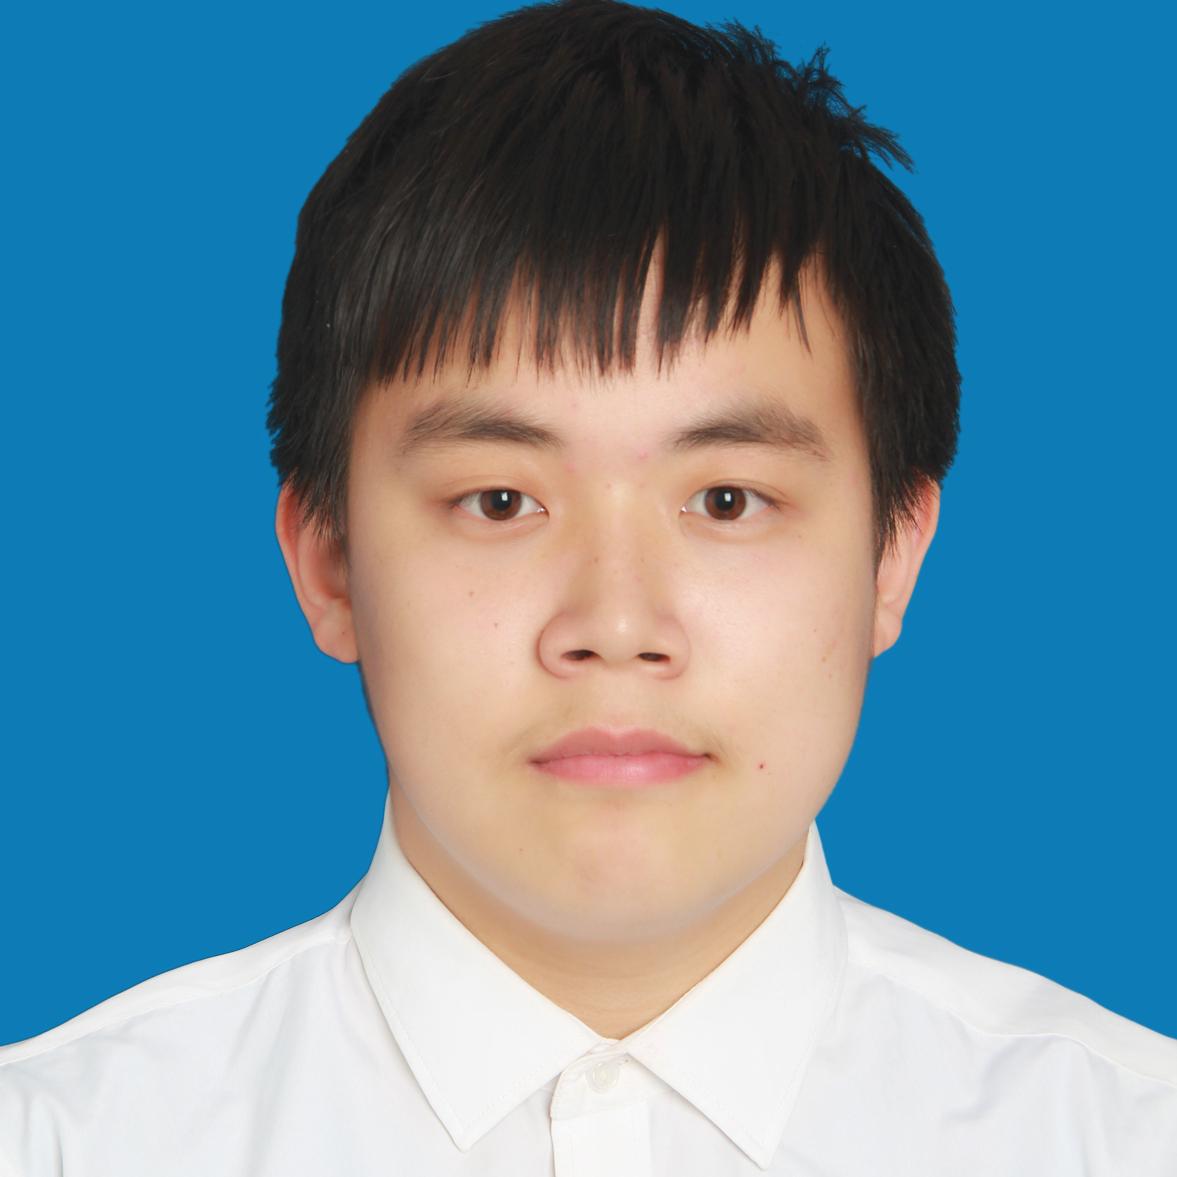 上海家教劉老師